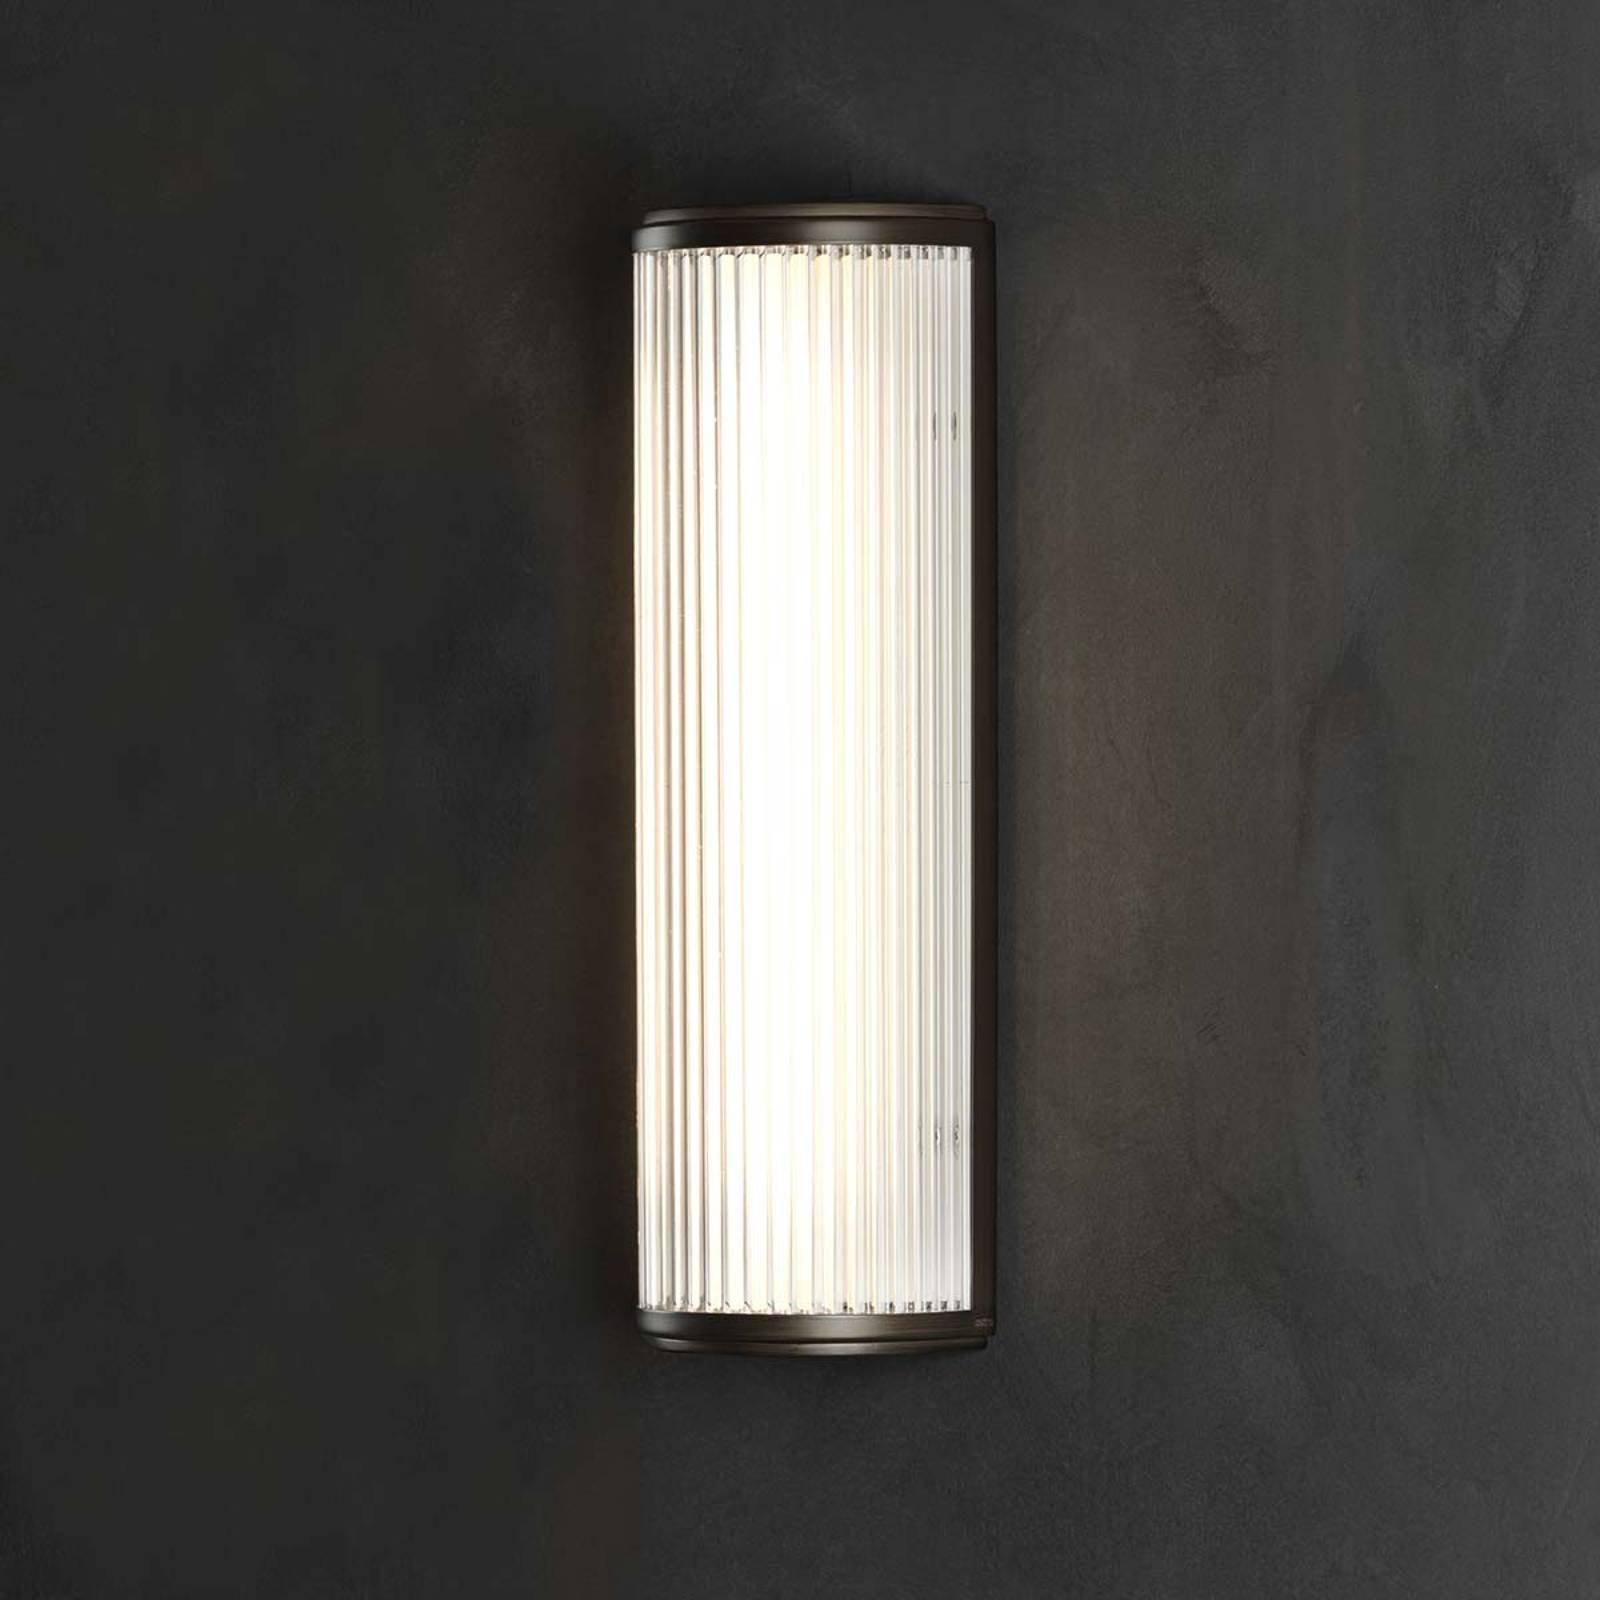 LED-vegglampe Versailles med pene riller